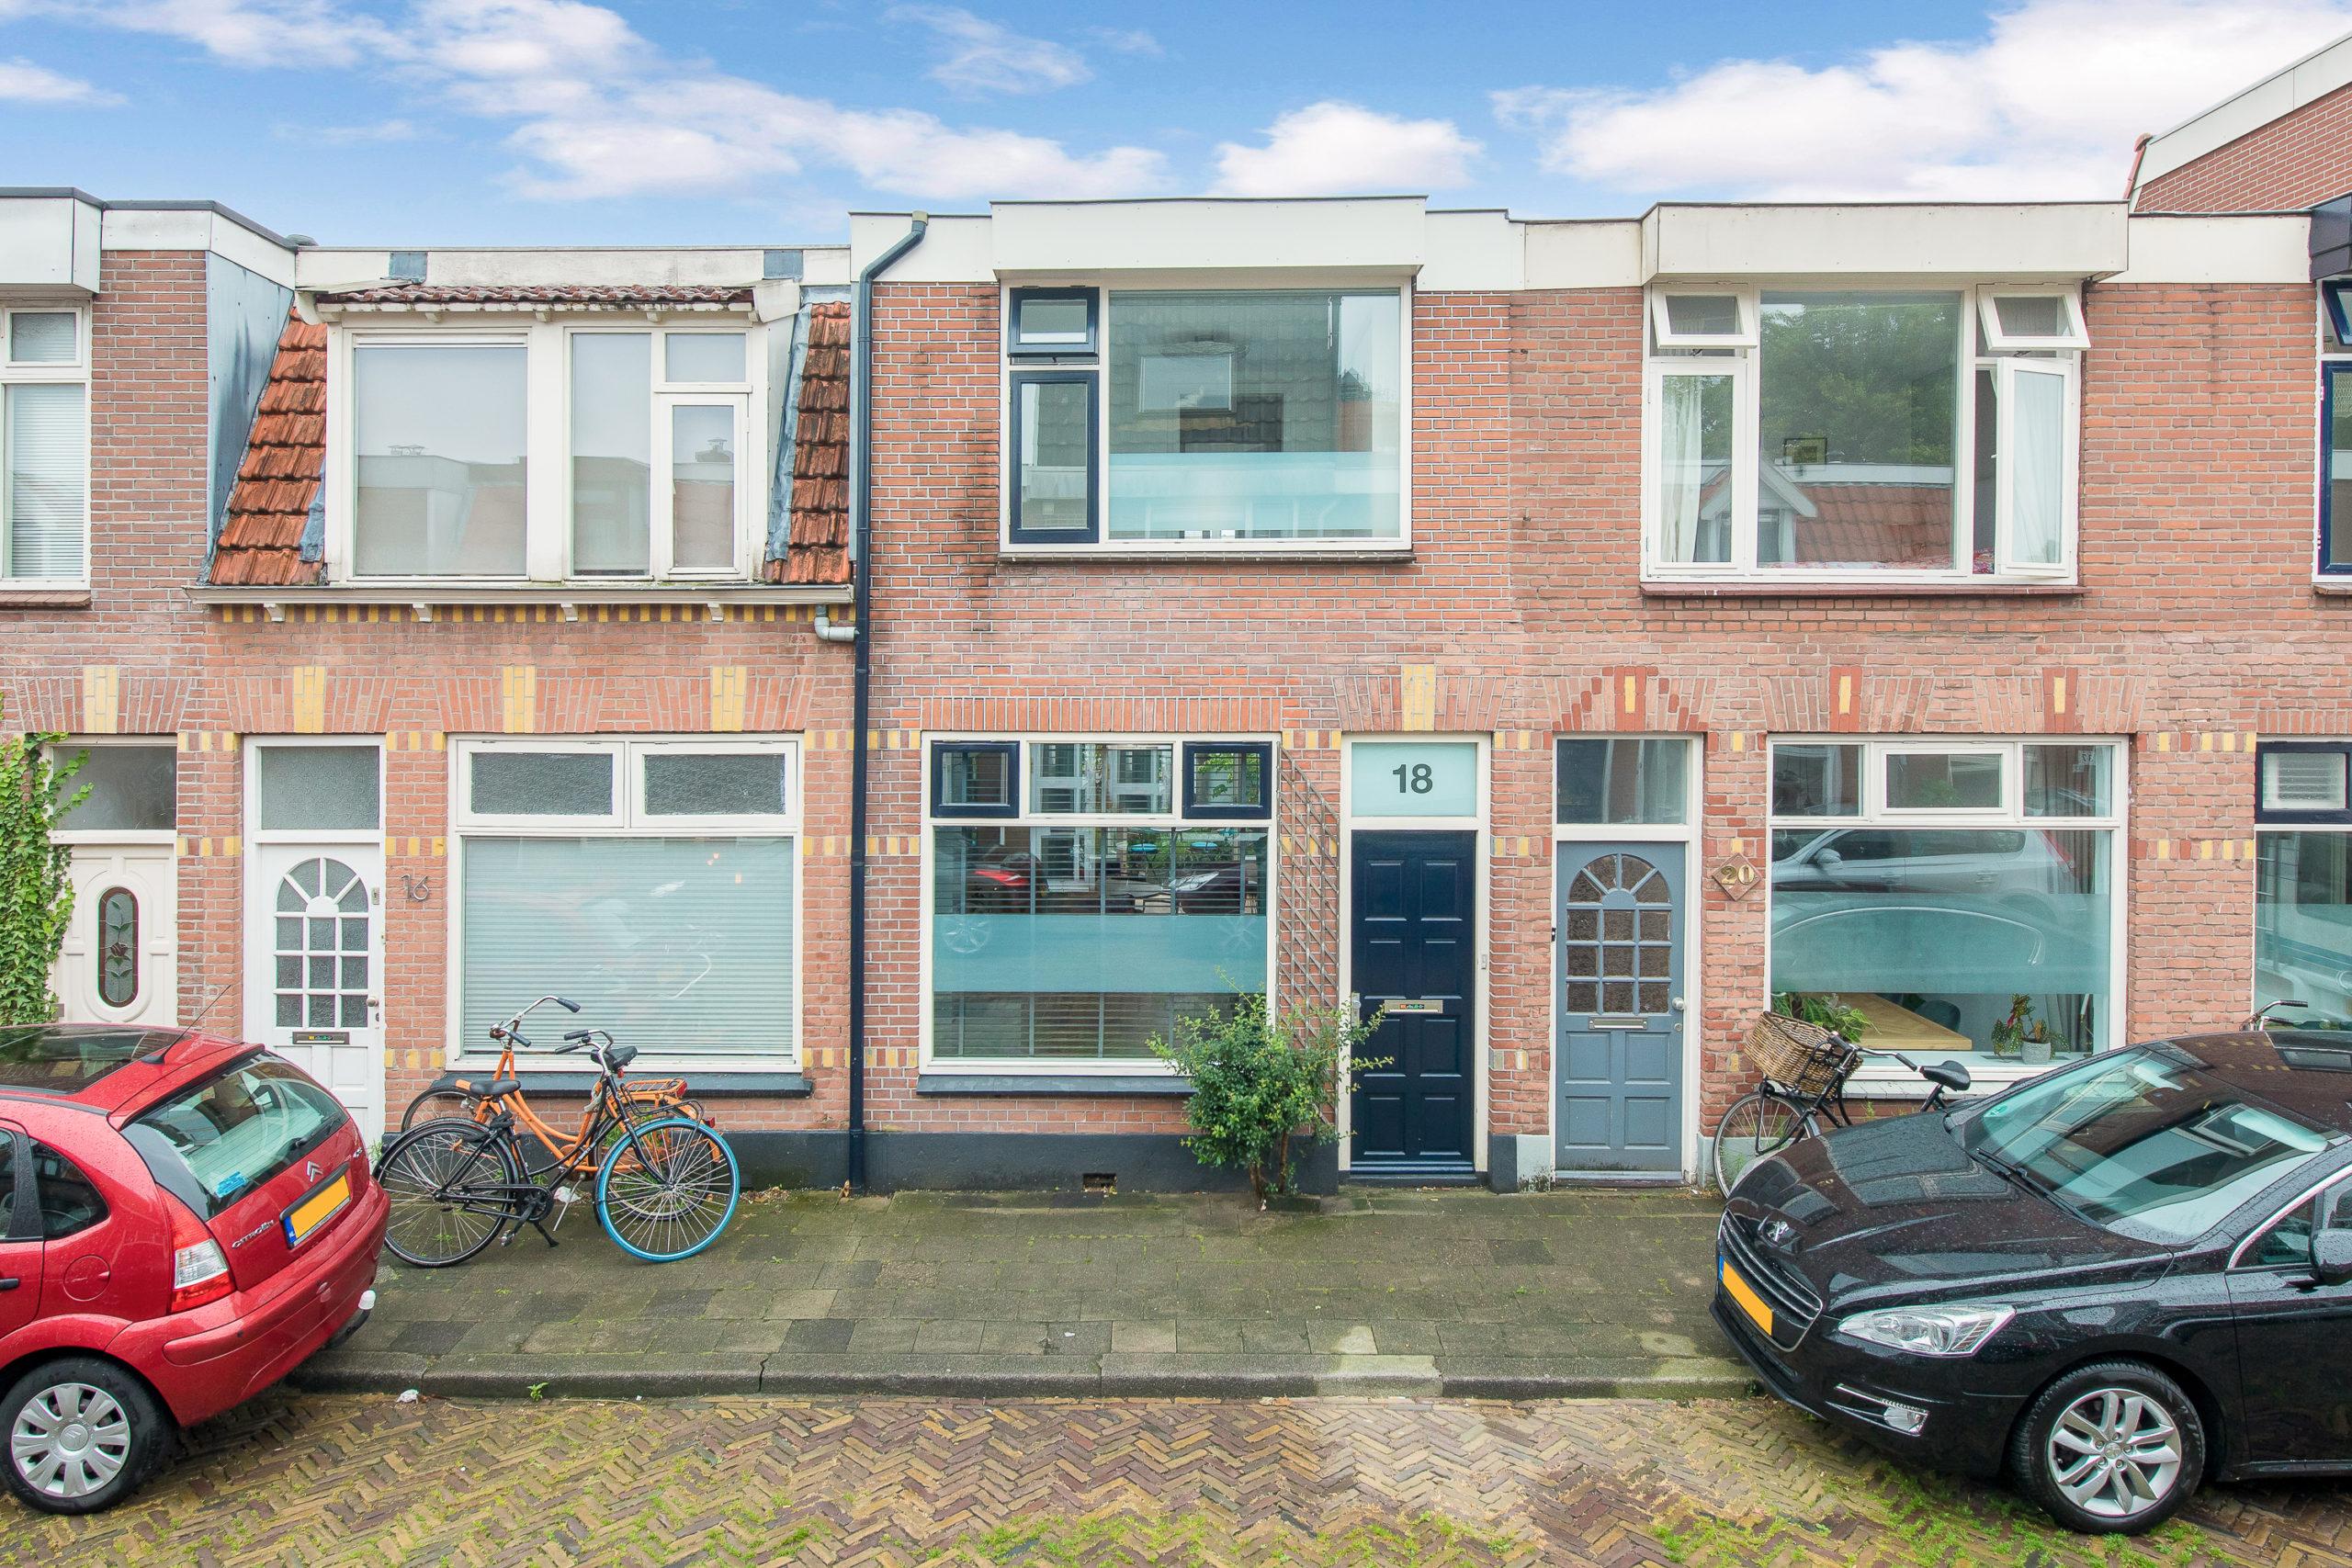 , Bremstraat 18 te Utrecht, Makelaar in Utrecht